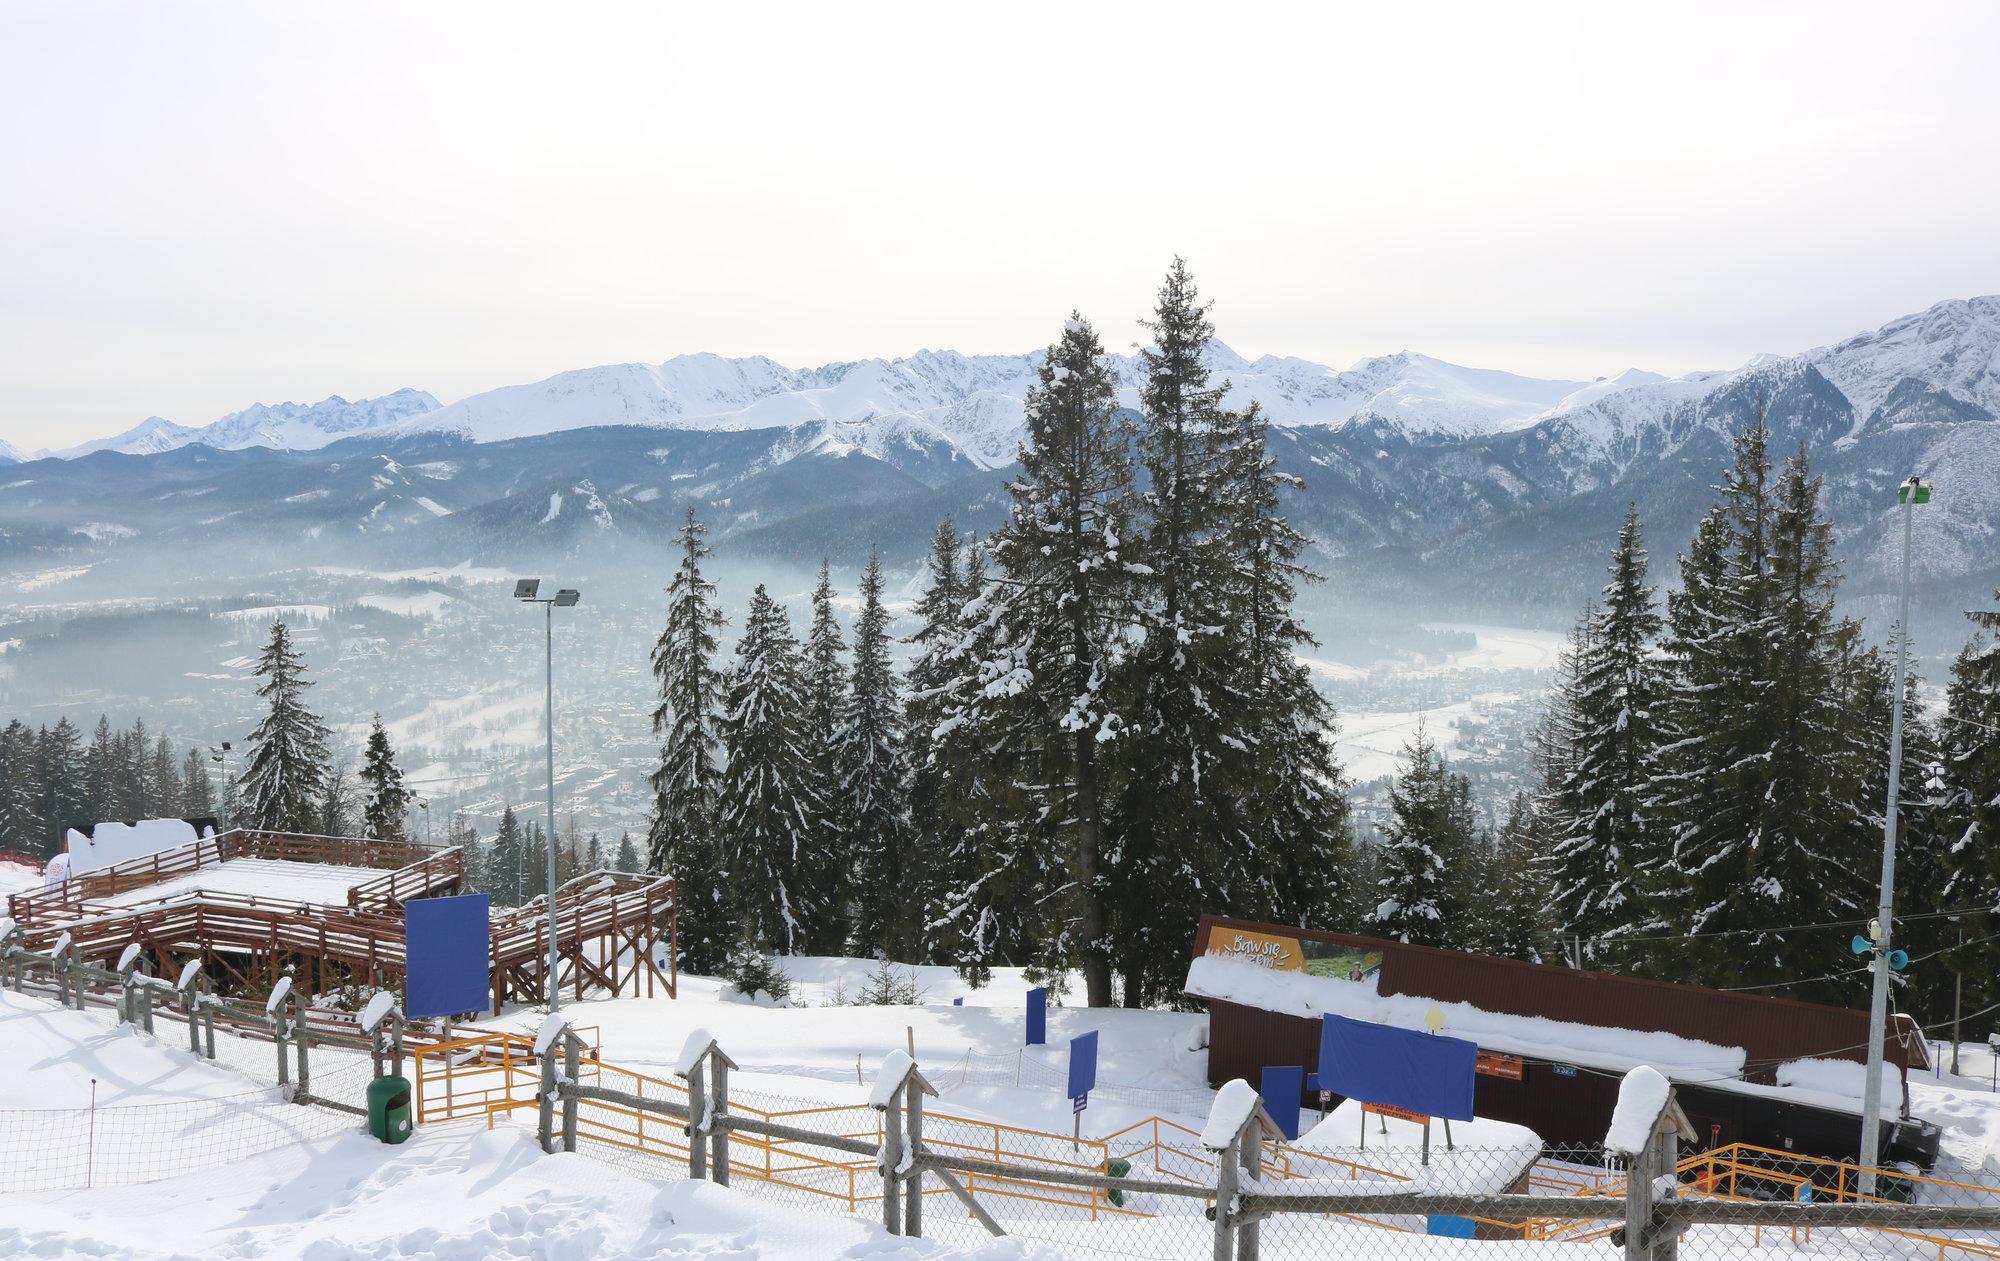 výhled na sjezdovku, část města Zakopane a přilehlé hory